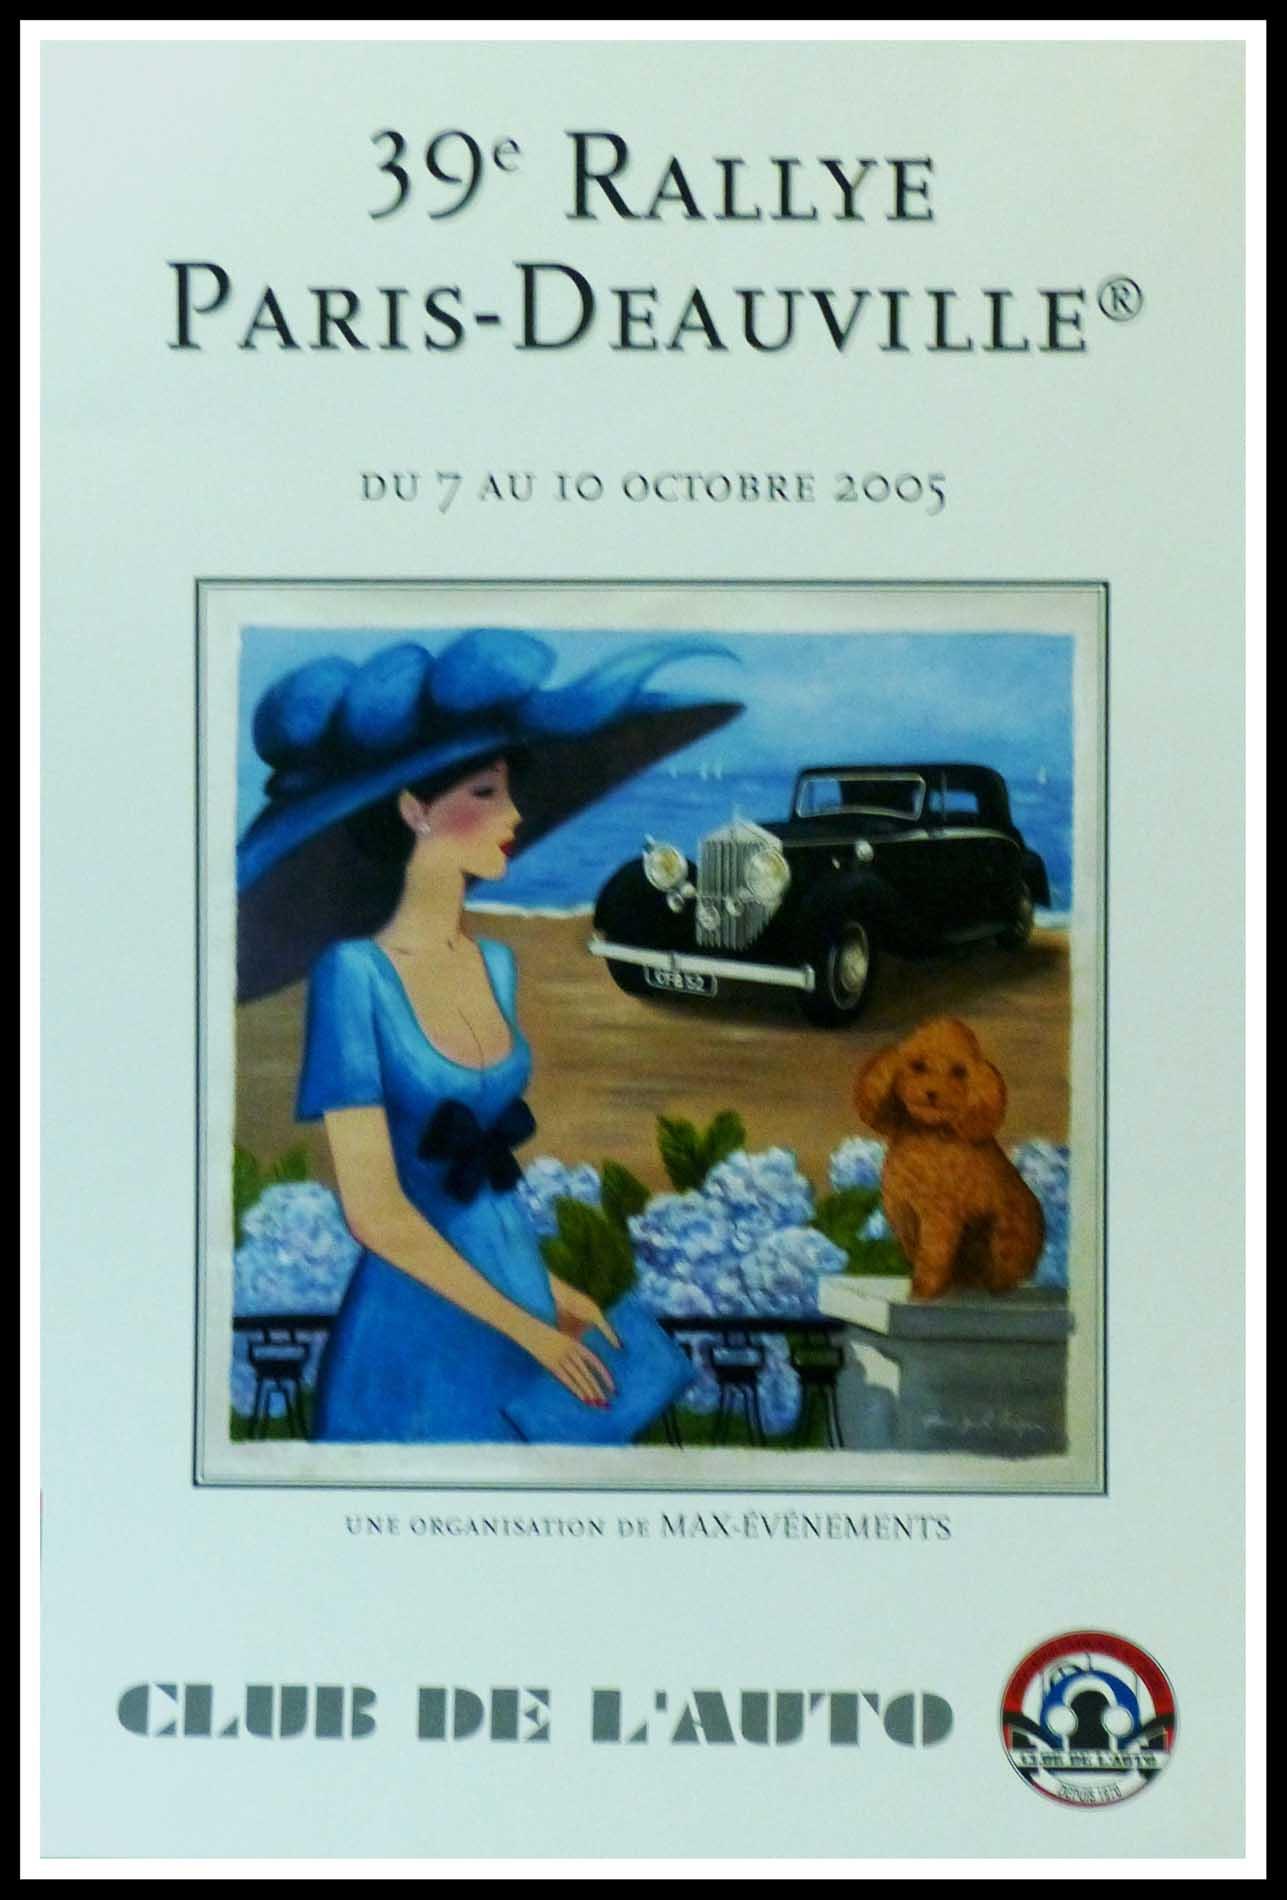 """(alt=""""Affiche originale 39ème Rallye Paris-Deauville, 2005 Club de l'Auto réalisée par D.P Noyer et imprimée sur du papier Velun d'Arches par le Club de l'Auto"""")"""